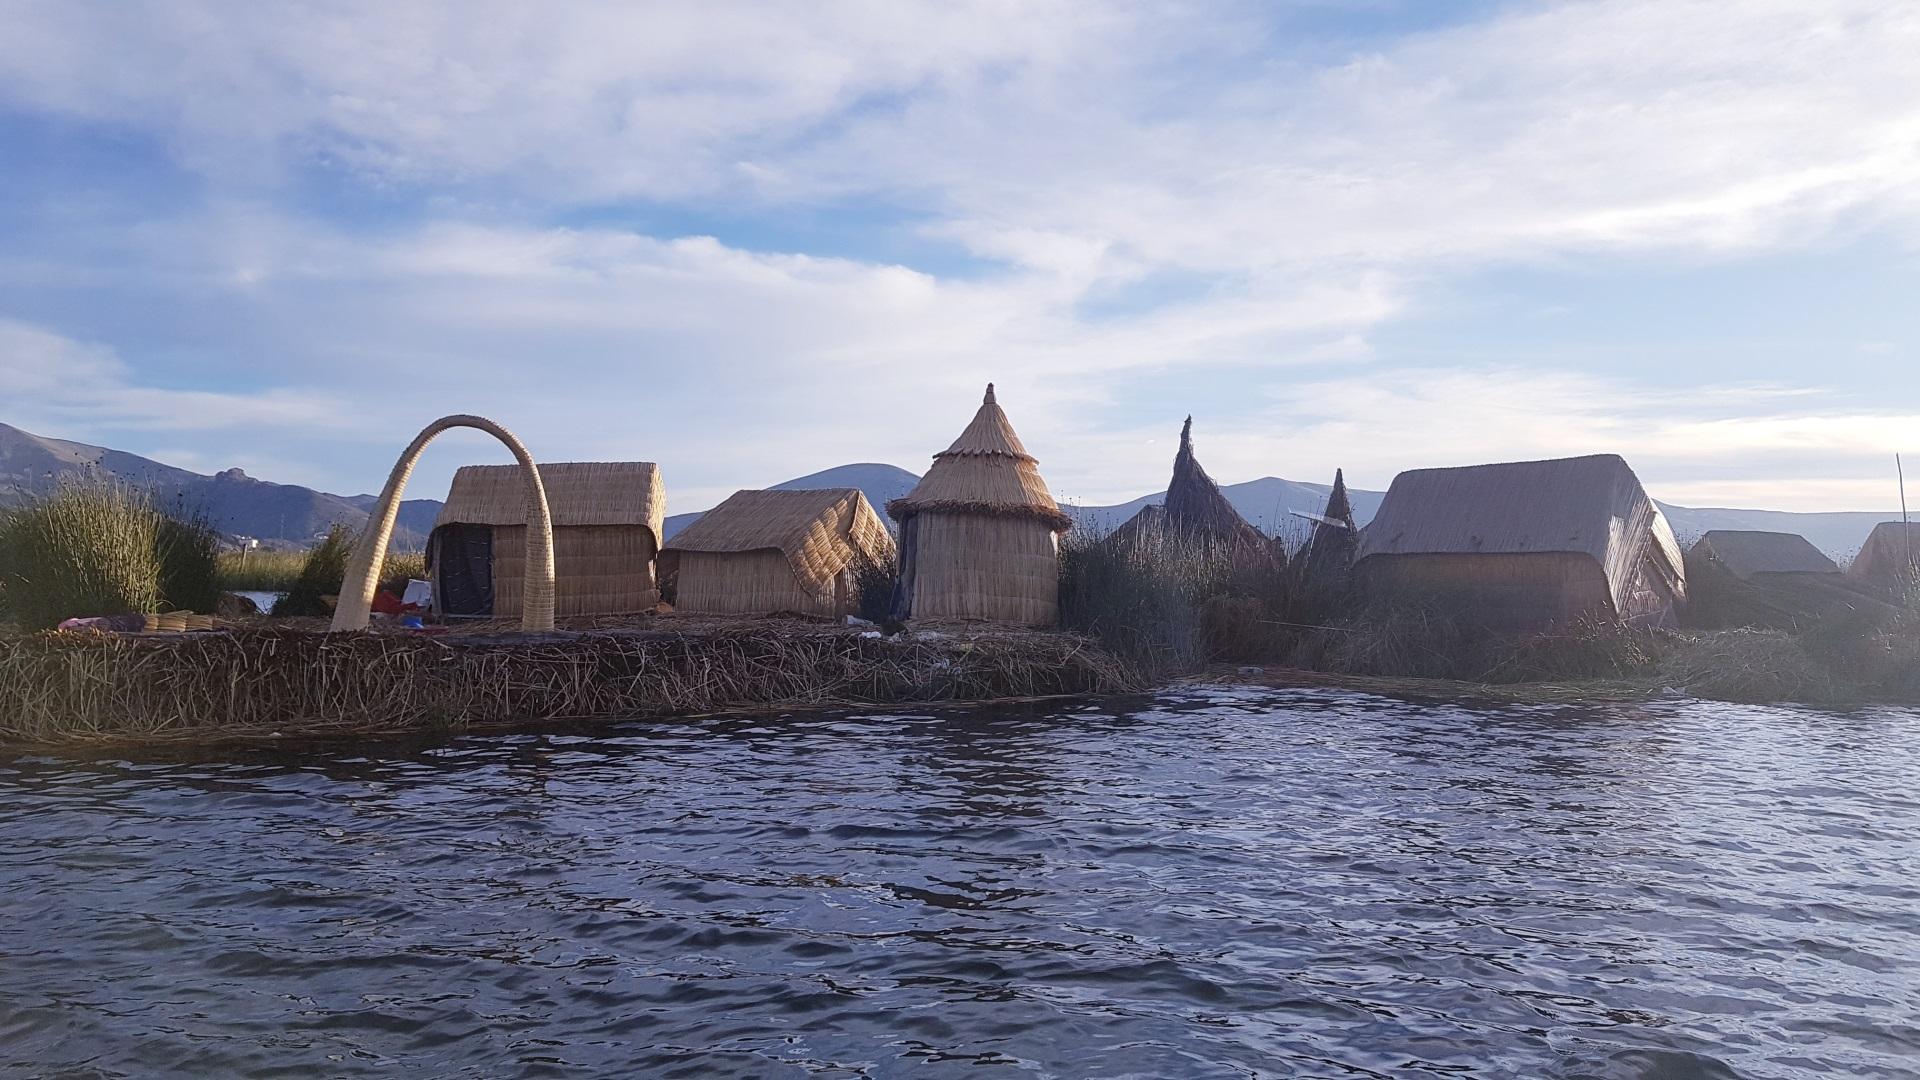 Visiter Les îles Uros - Pérou